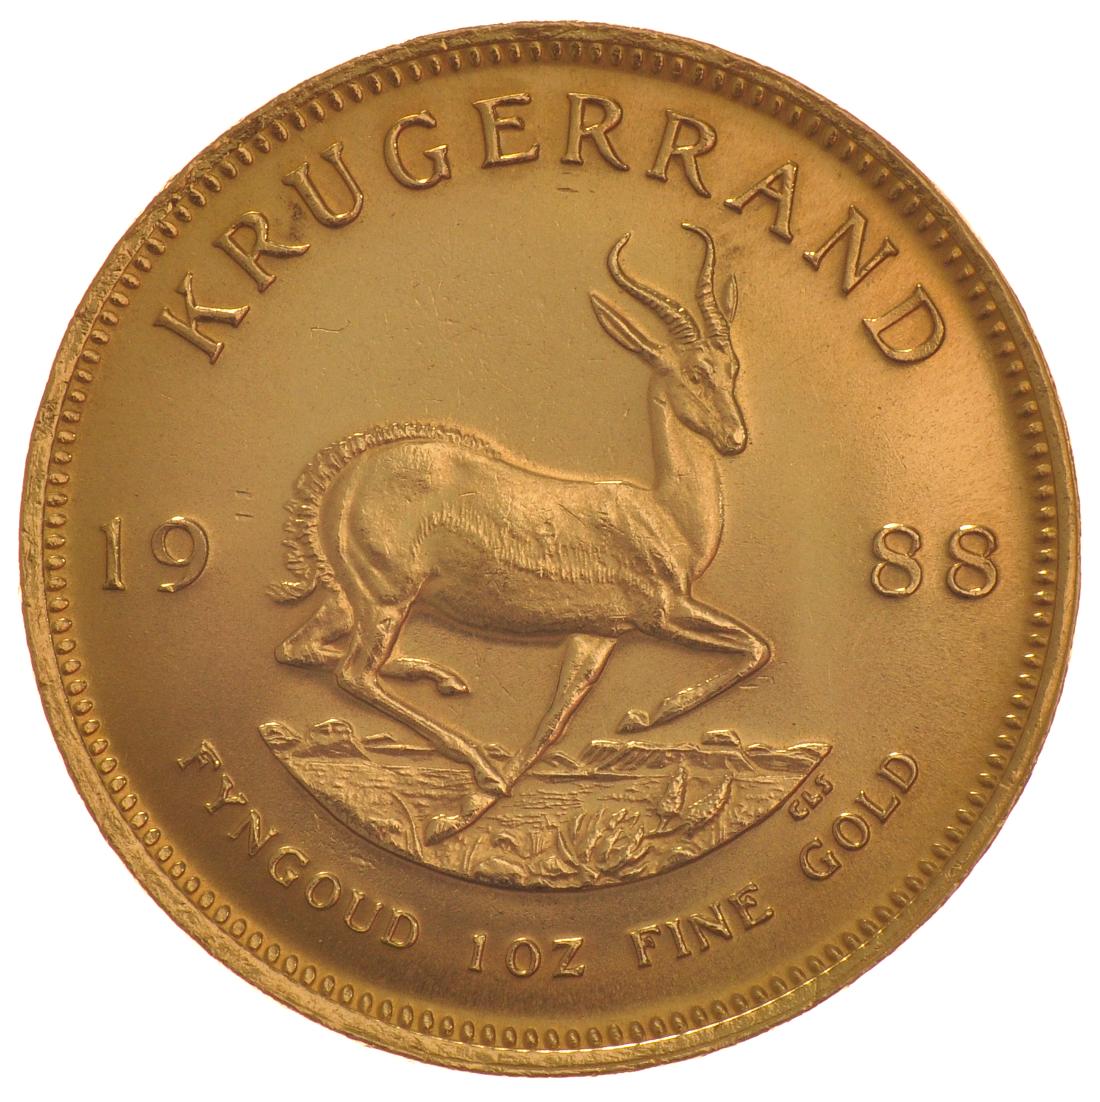 1988 1oz Gold Krugerrand 163 1 134